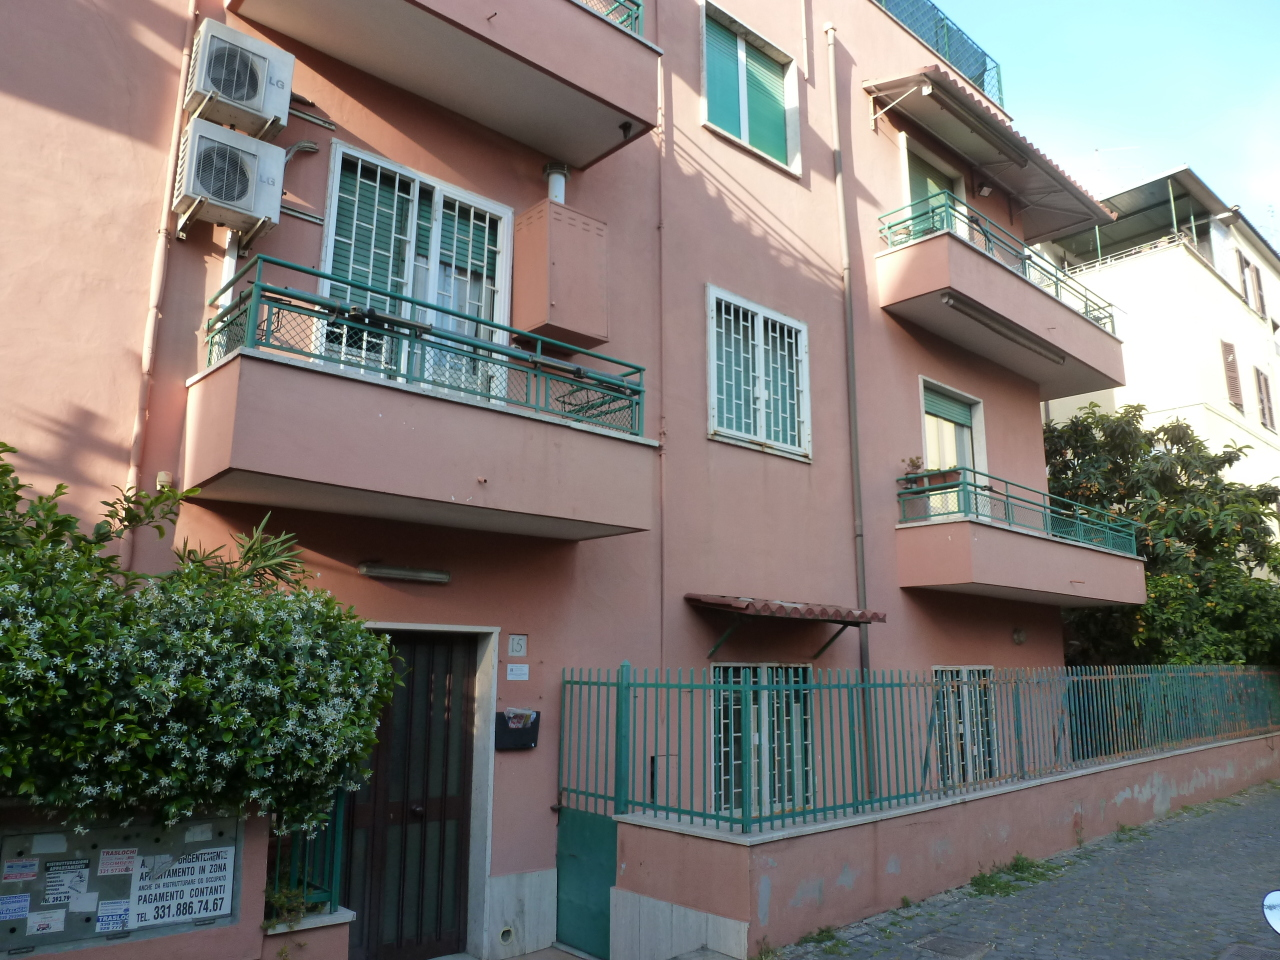 Casa roma appartamenti e case in vendita for Appartamenti vendita roma